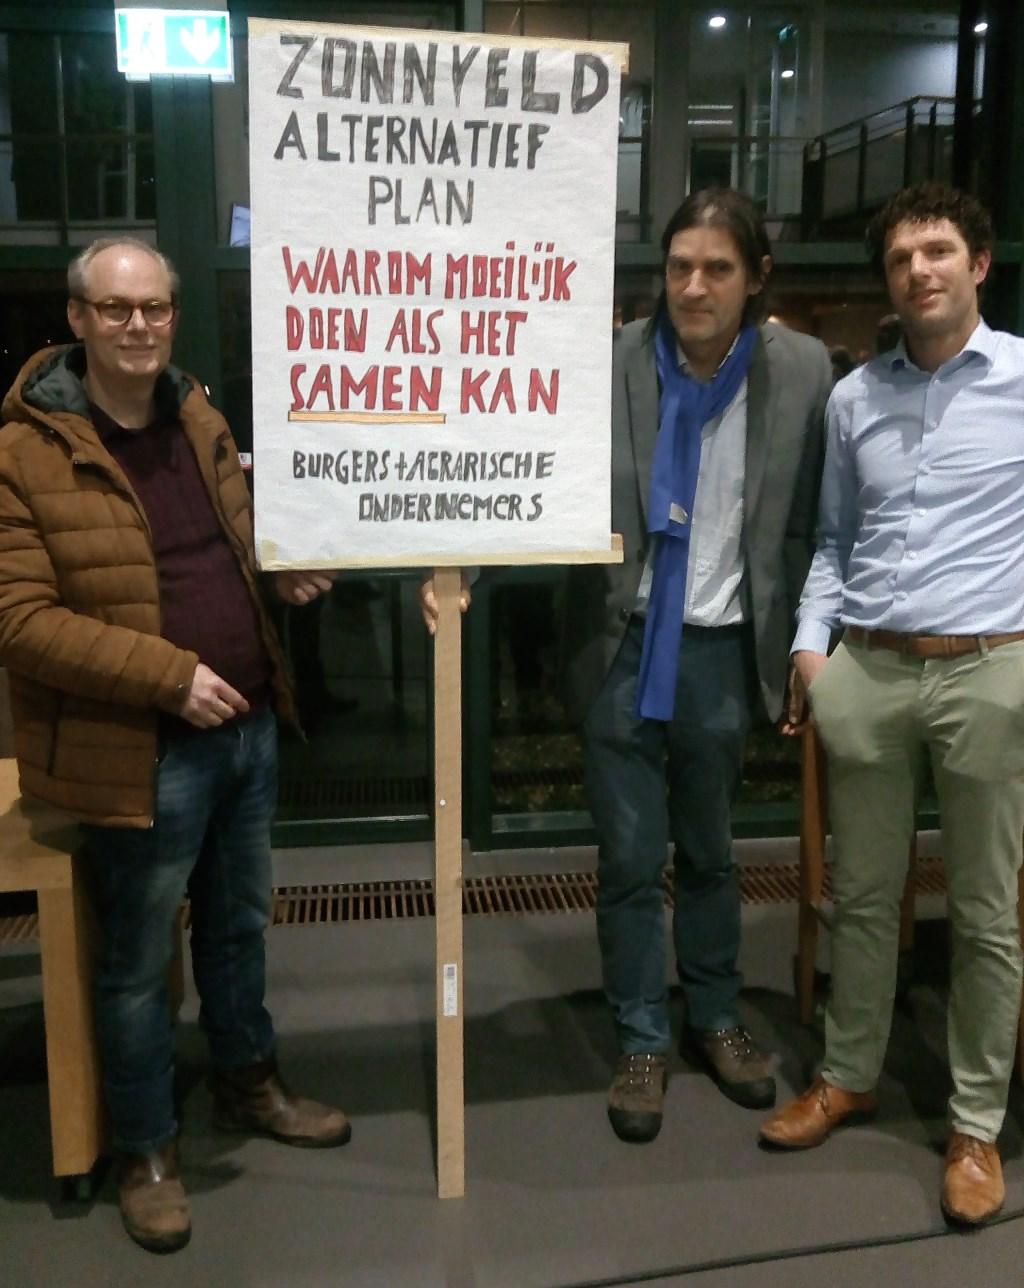 Spandoek met oproep om samen te werken aan een alternatief plan Fred Schenk © BDU media